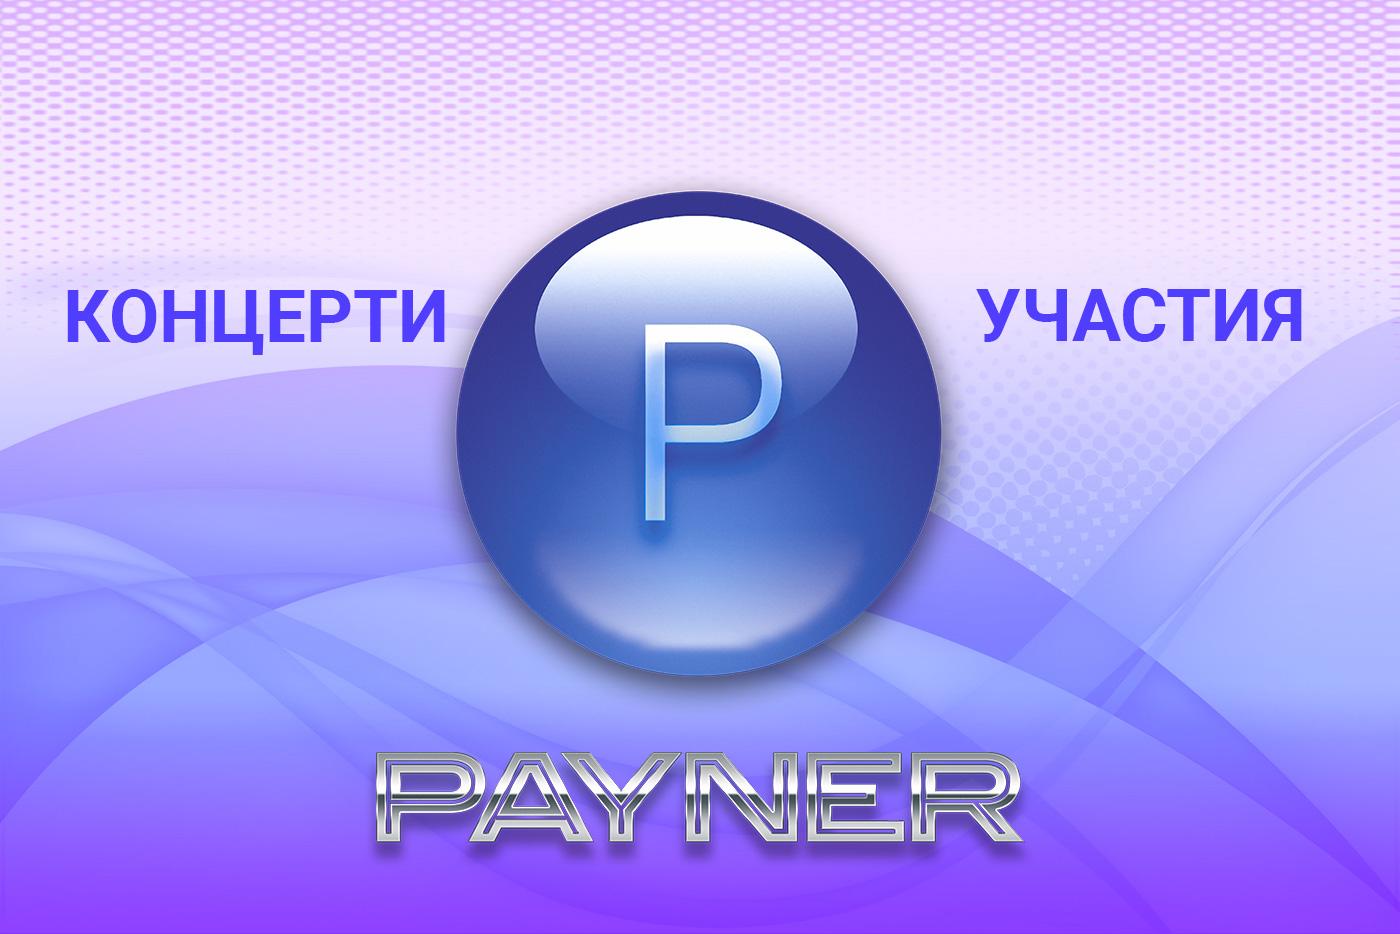 """Участия на звездите на """"Пайнер"""" на 17.07.2019"""